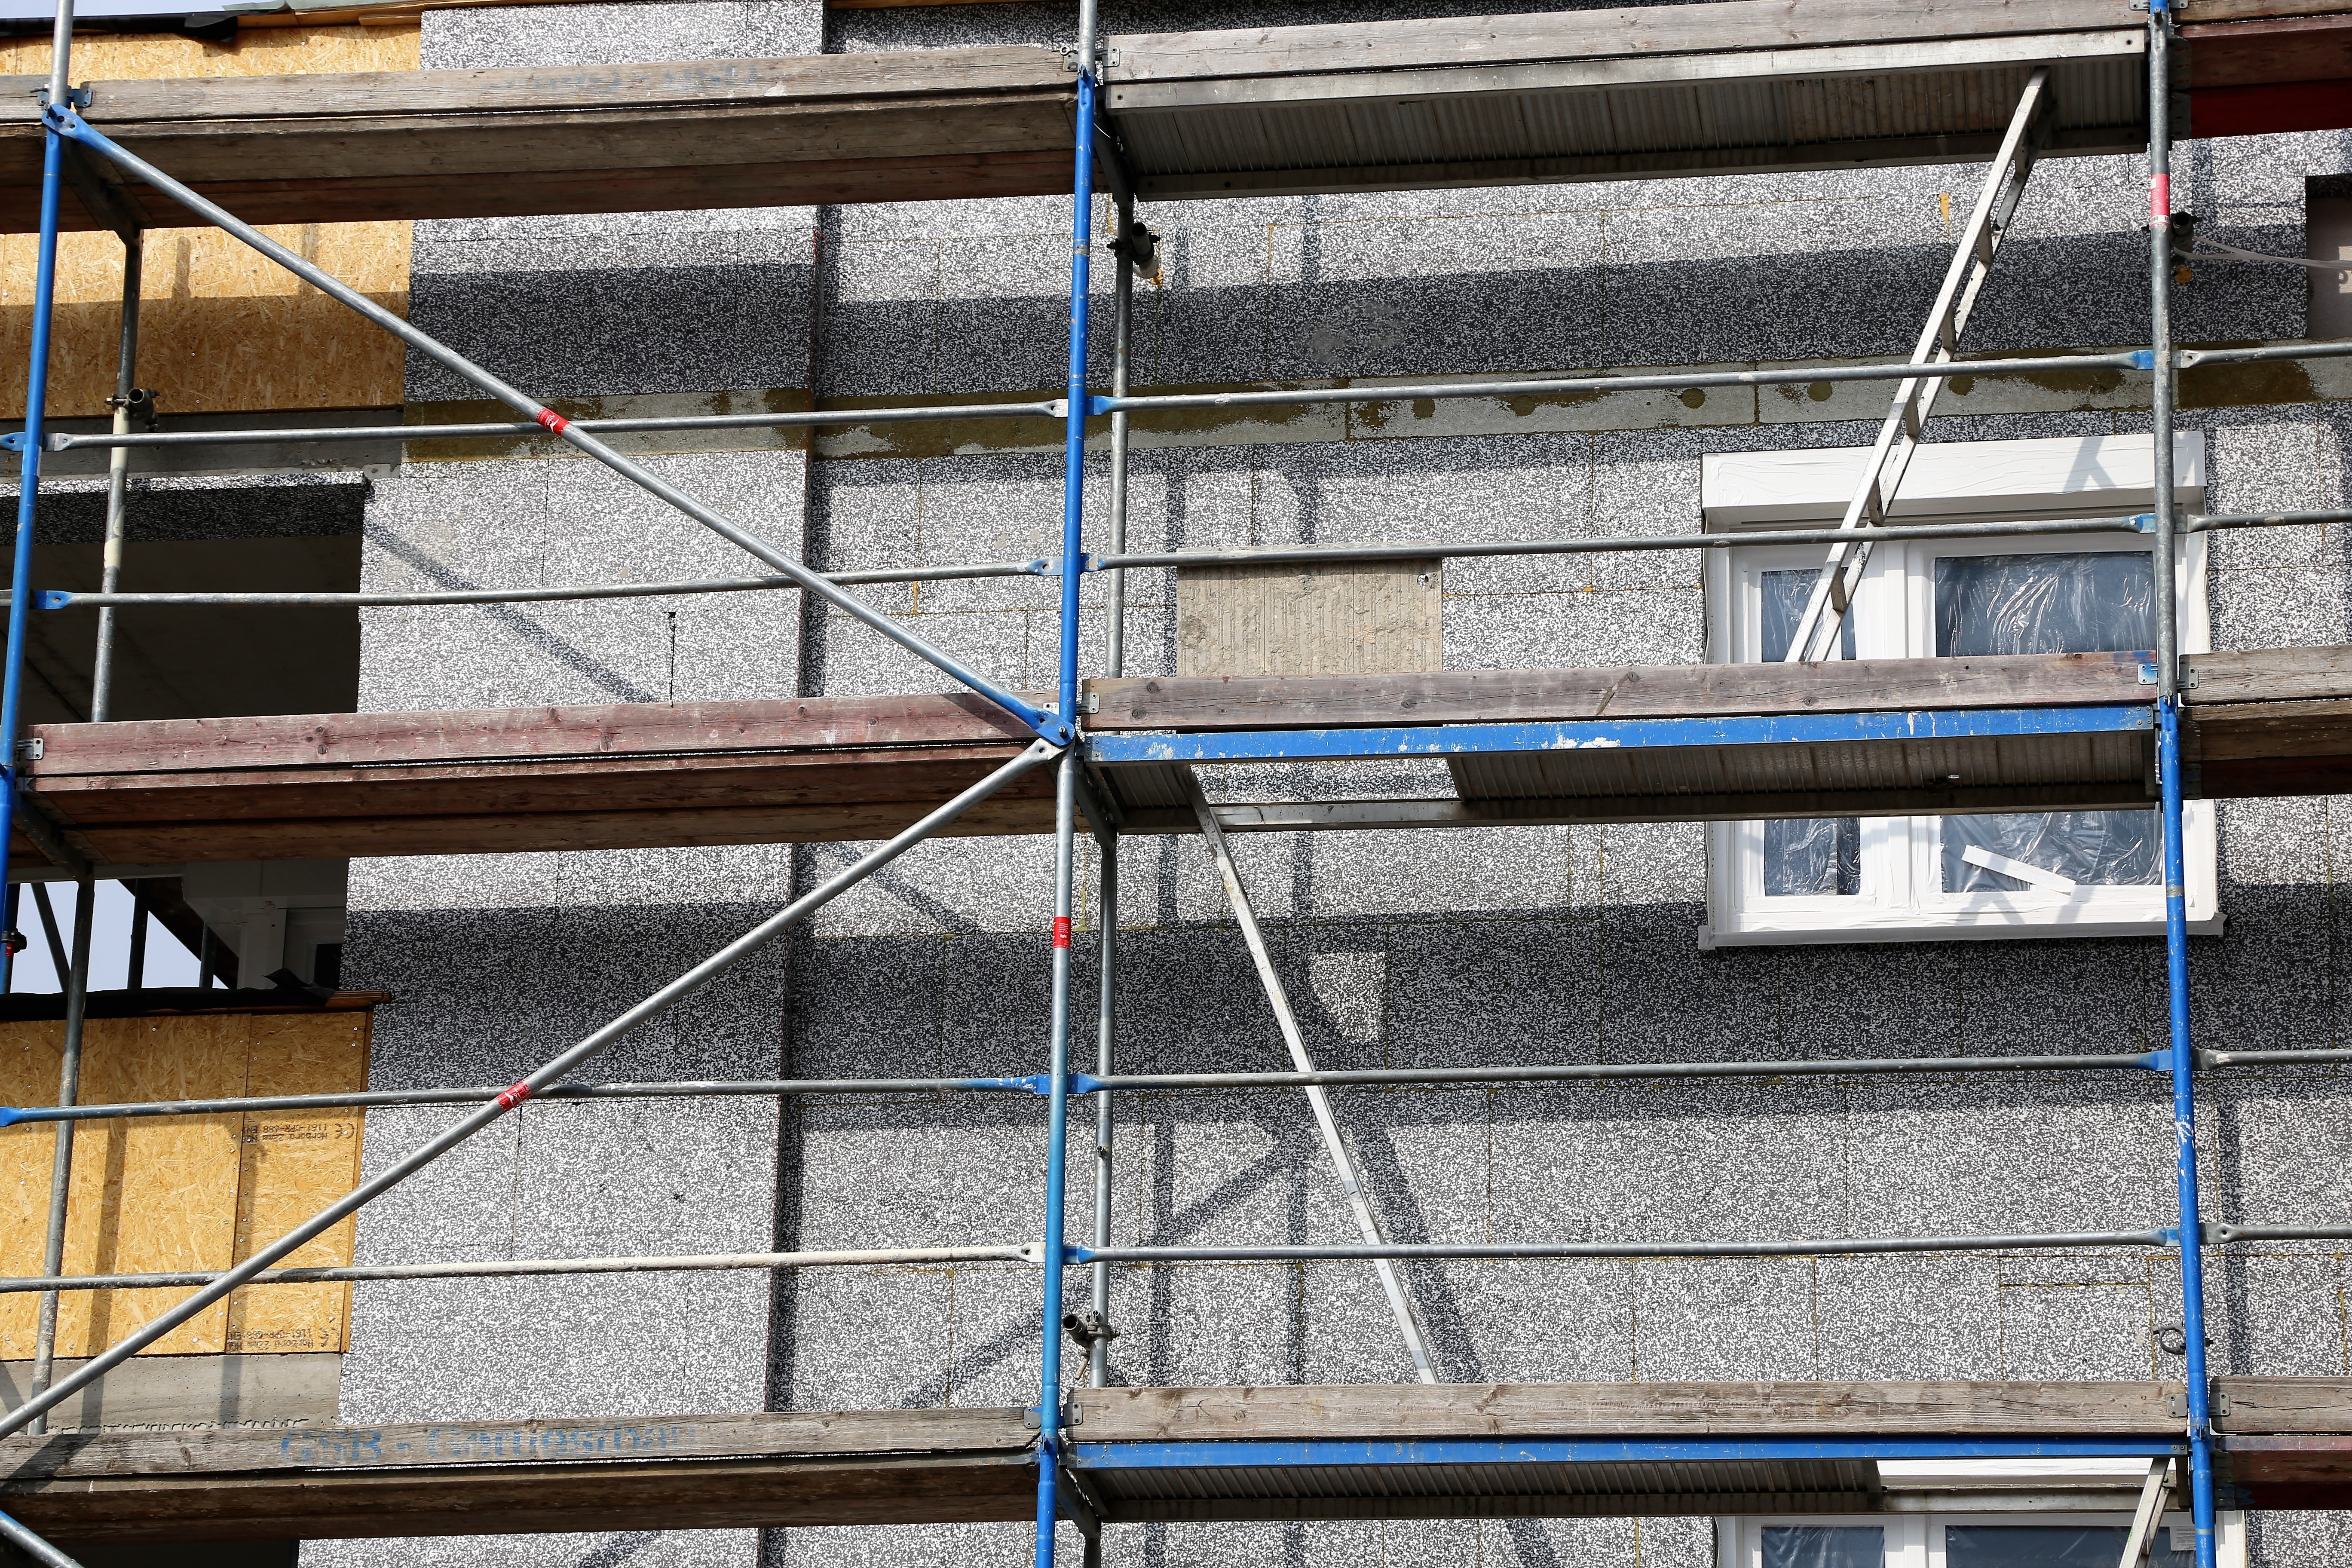 Сдружение настоява за стандарт за безопасно остъкляване